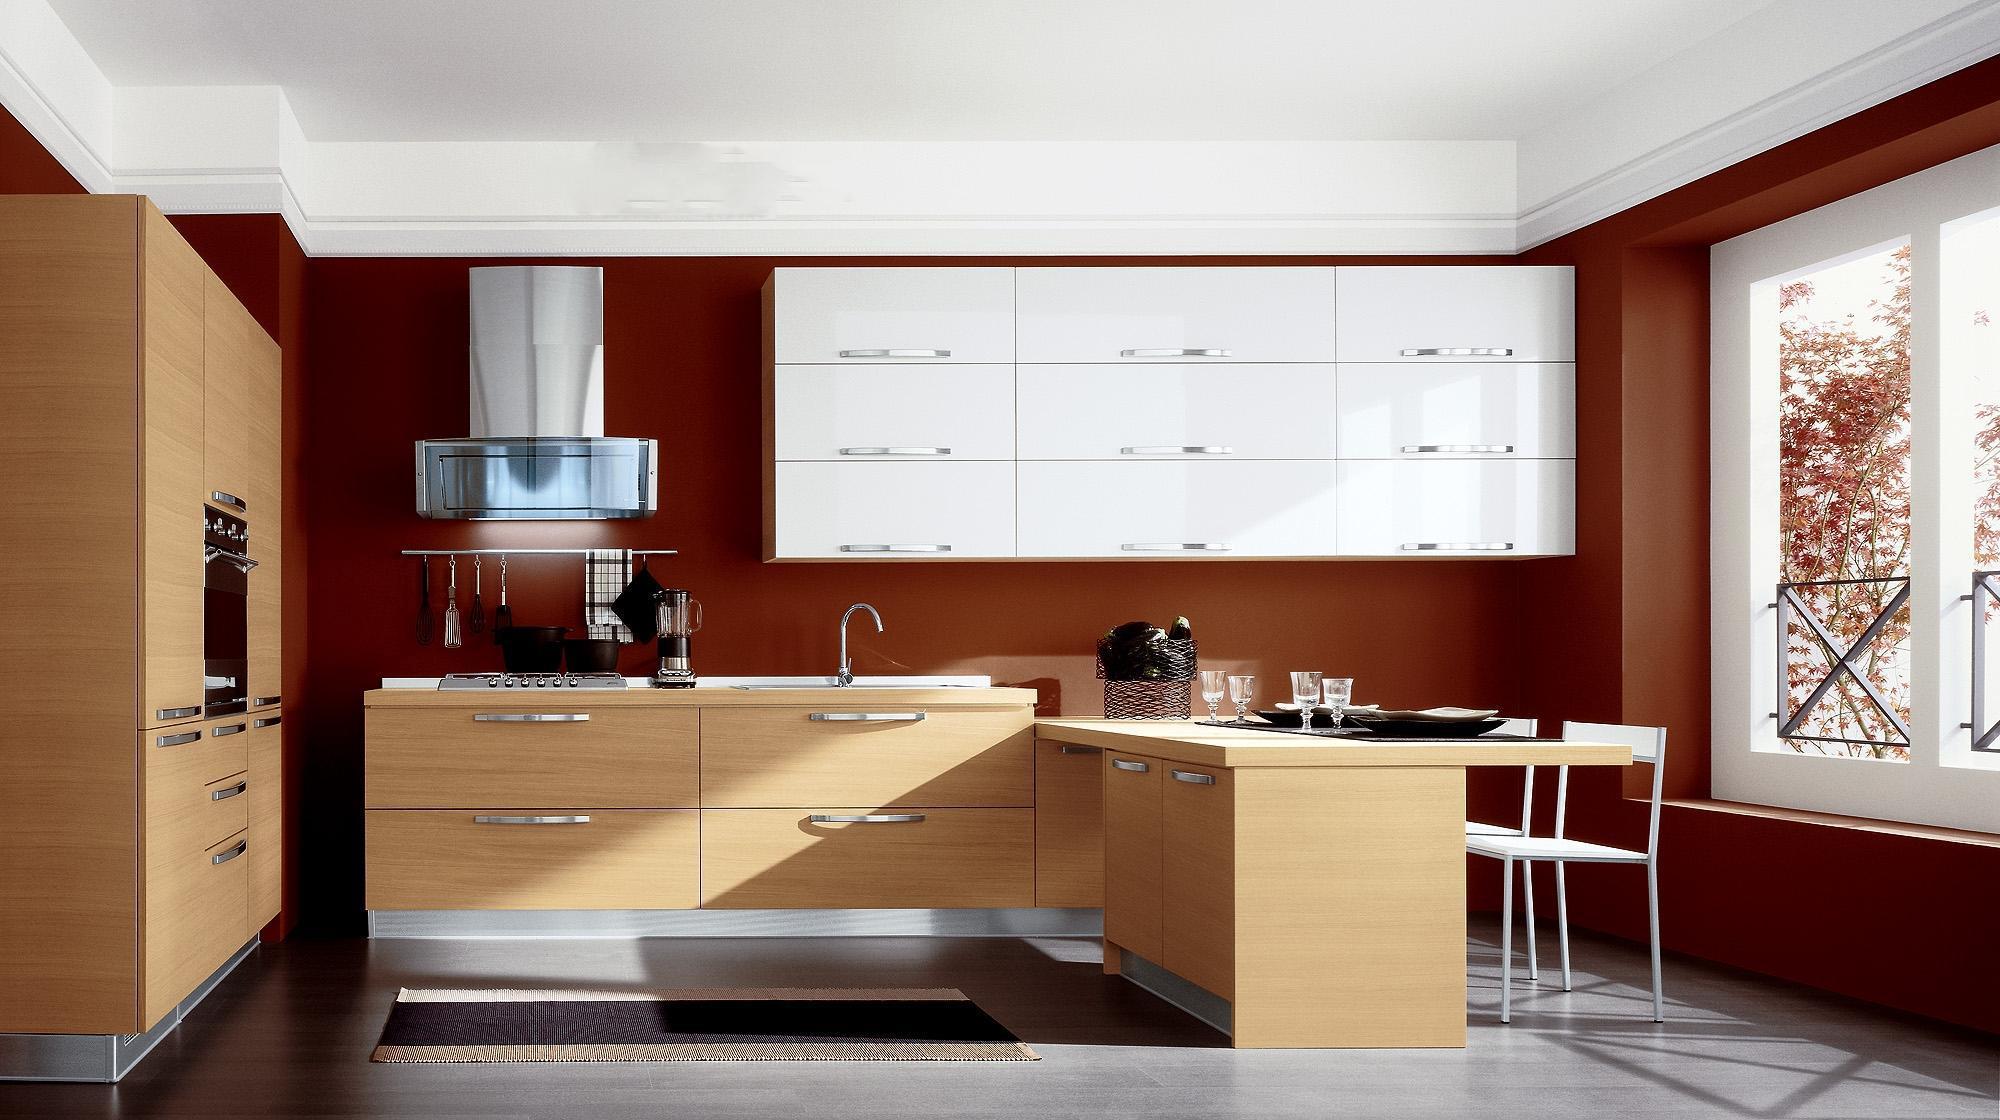 Cozinha moderna 569